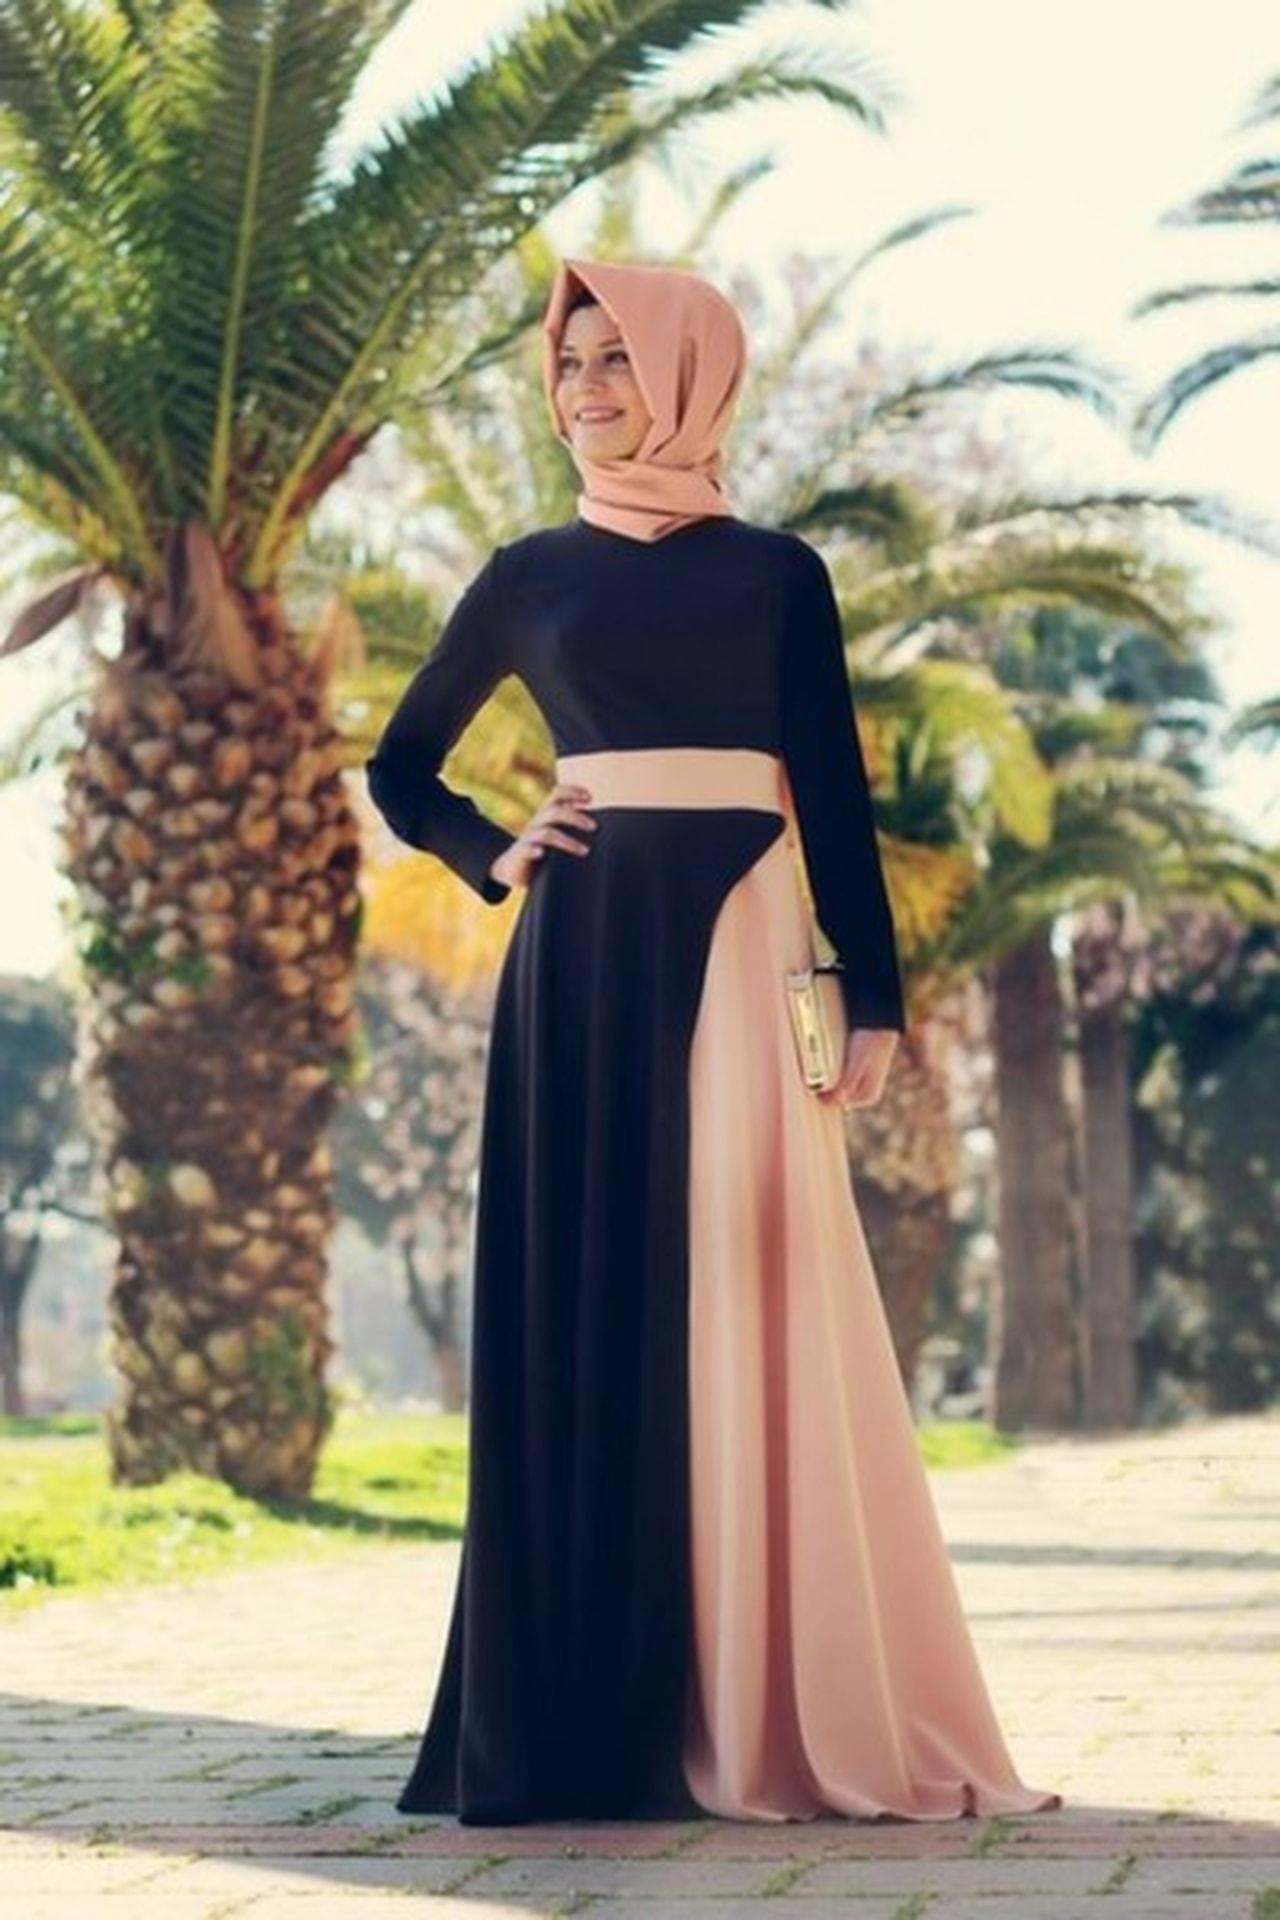 بالصور الملابس في تركيا , اشيك موضه ملابس تركيا 2464 5